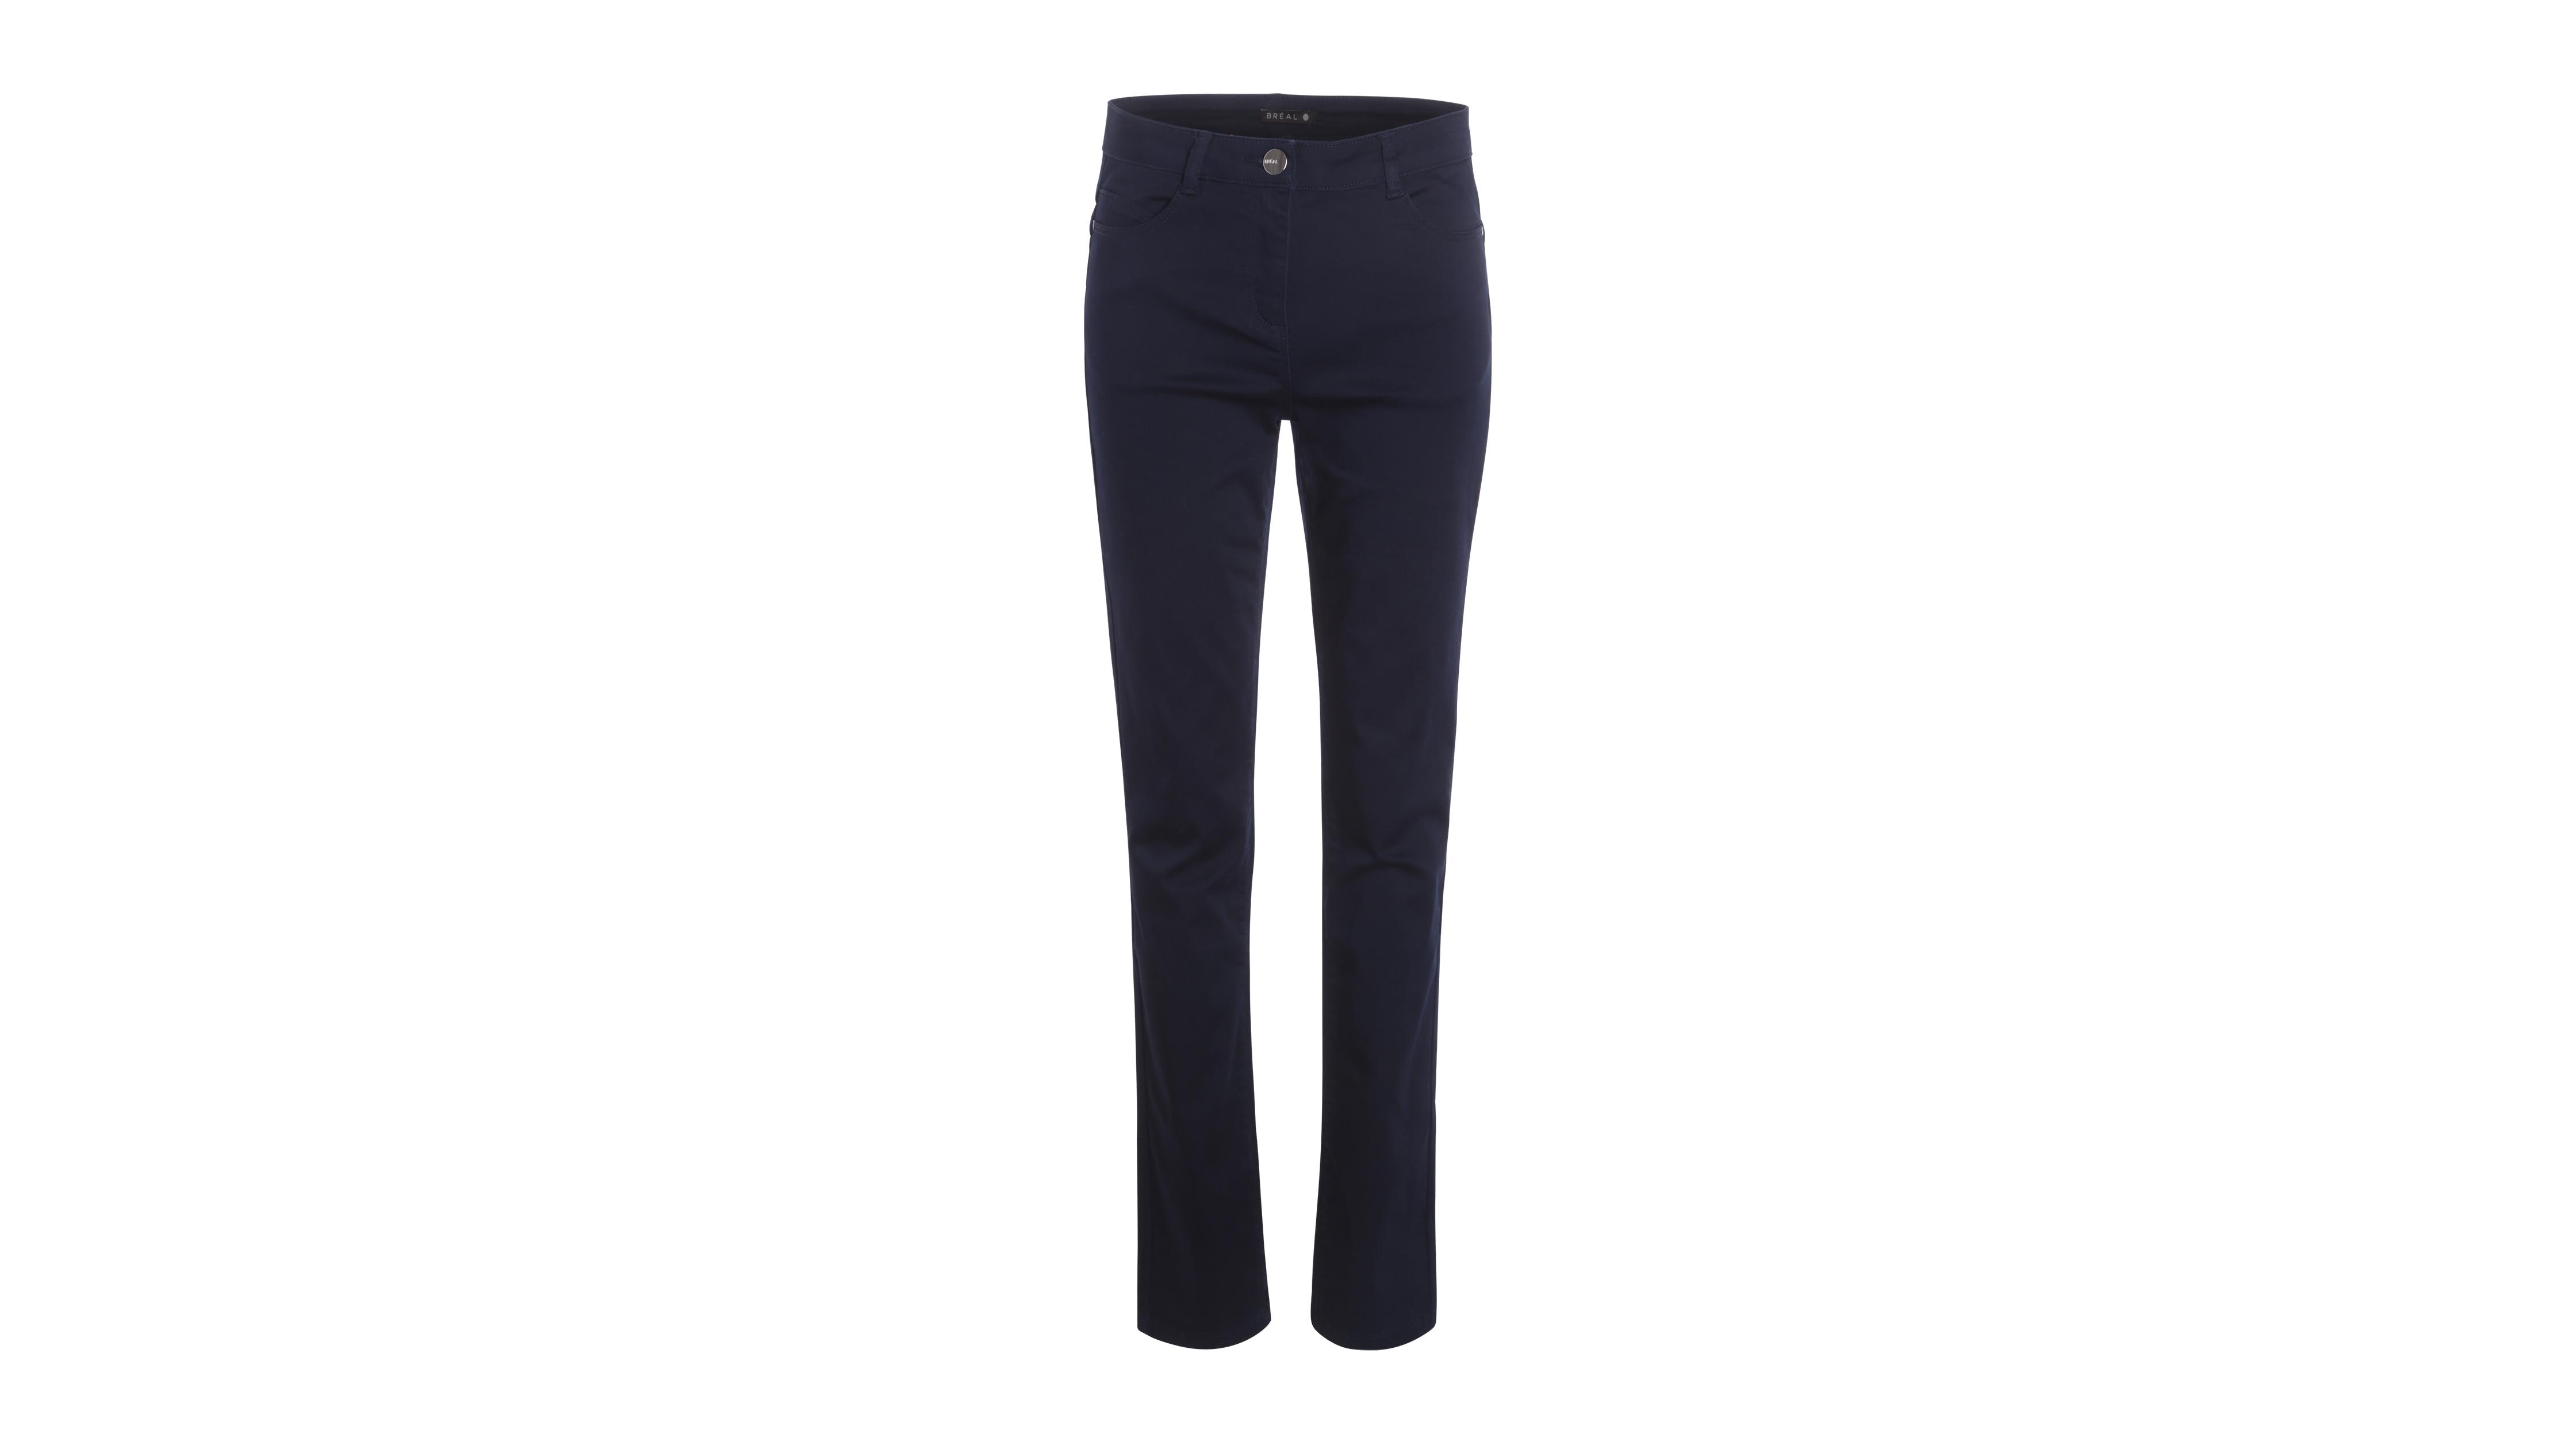 Pantalon Satin Foncé En Femme Tfk3ul1jc5 Bleu bY6If7yvg